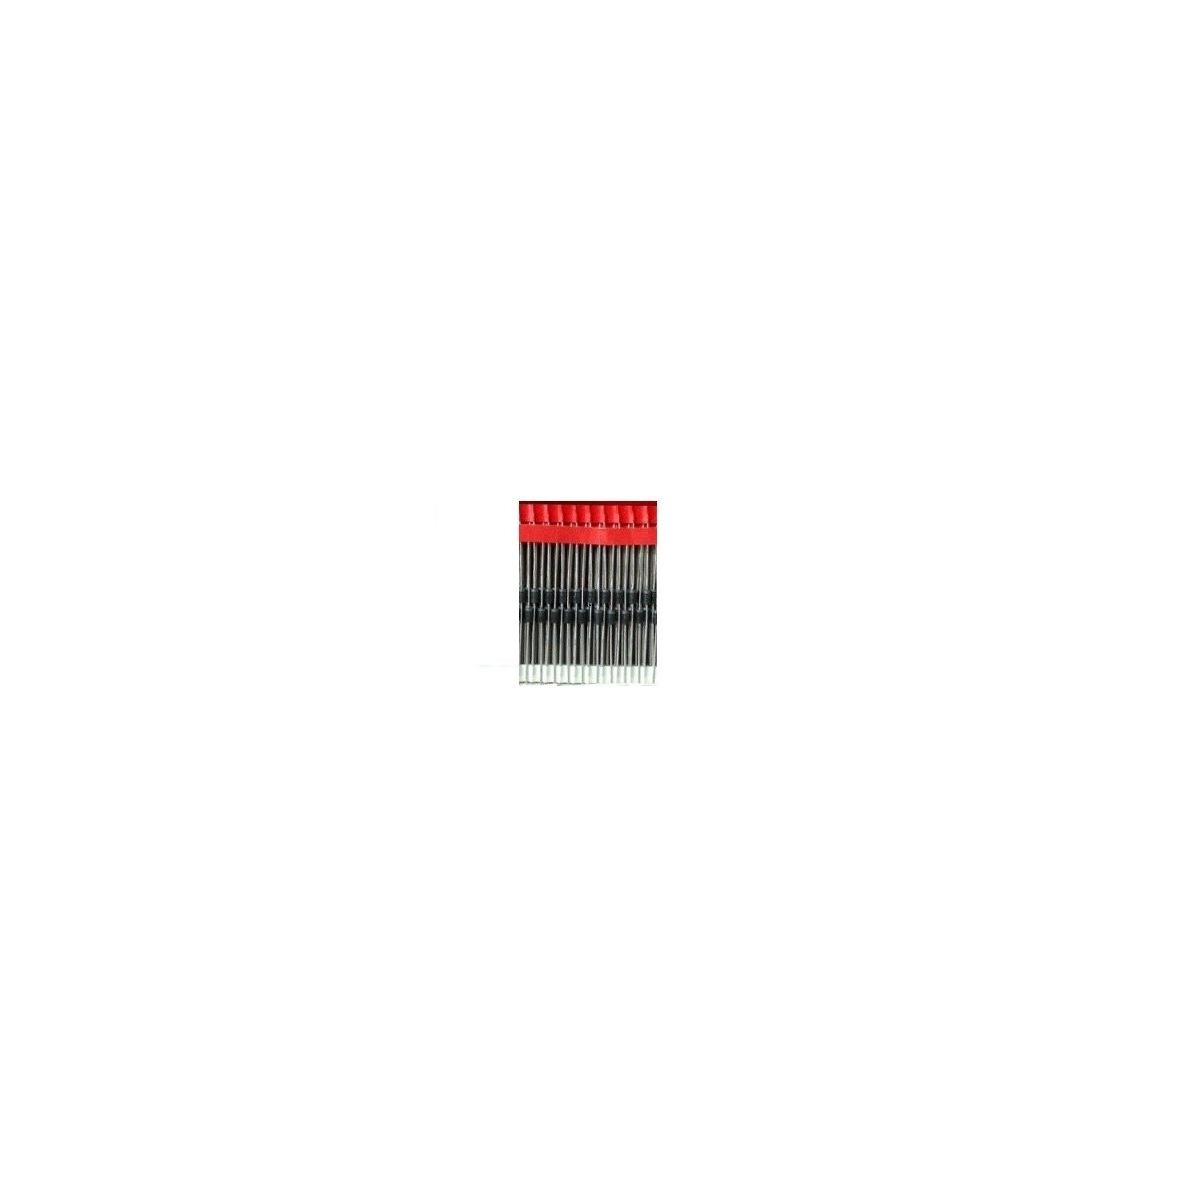 ZENNER 5W-1N 5335 - 3V9